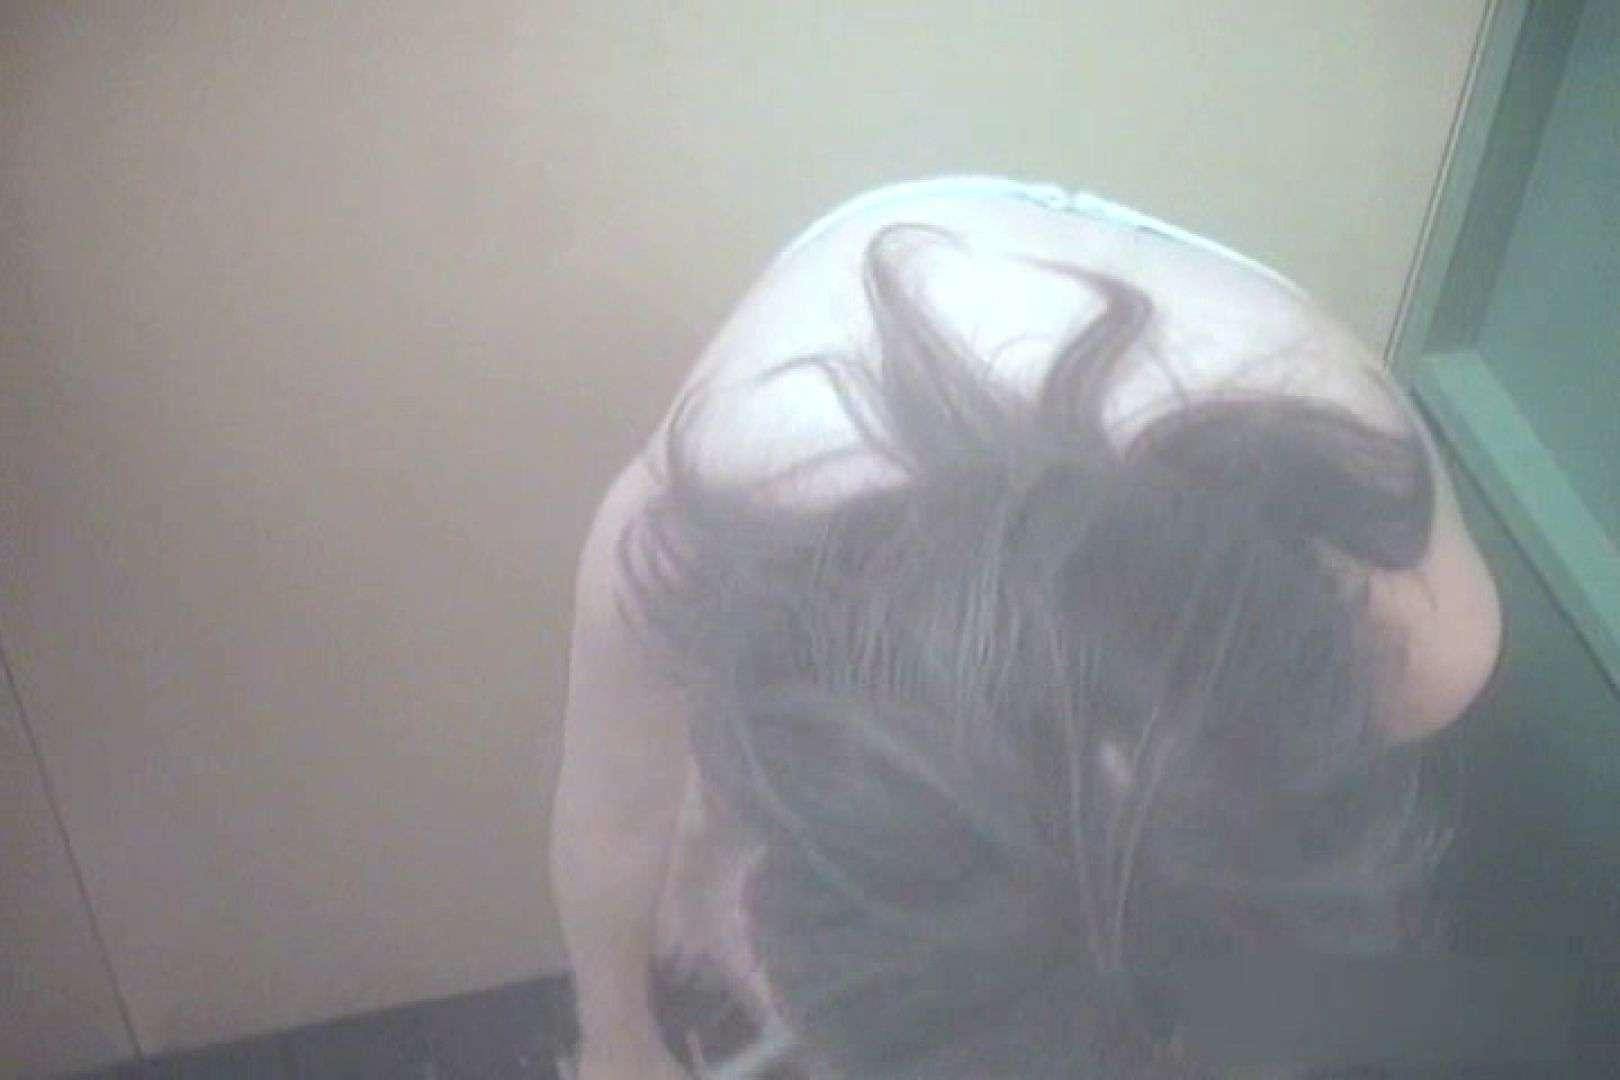 夏海シャワー室!ベトベトお肌をサラサラに!VOL.07 美女のヌード ワレメ動画紹介 104画像 32